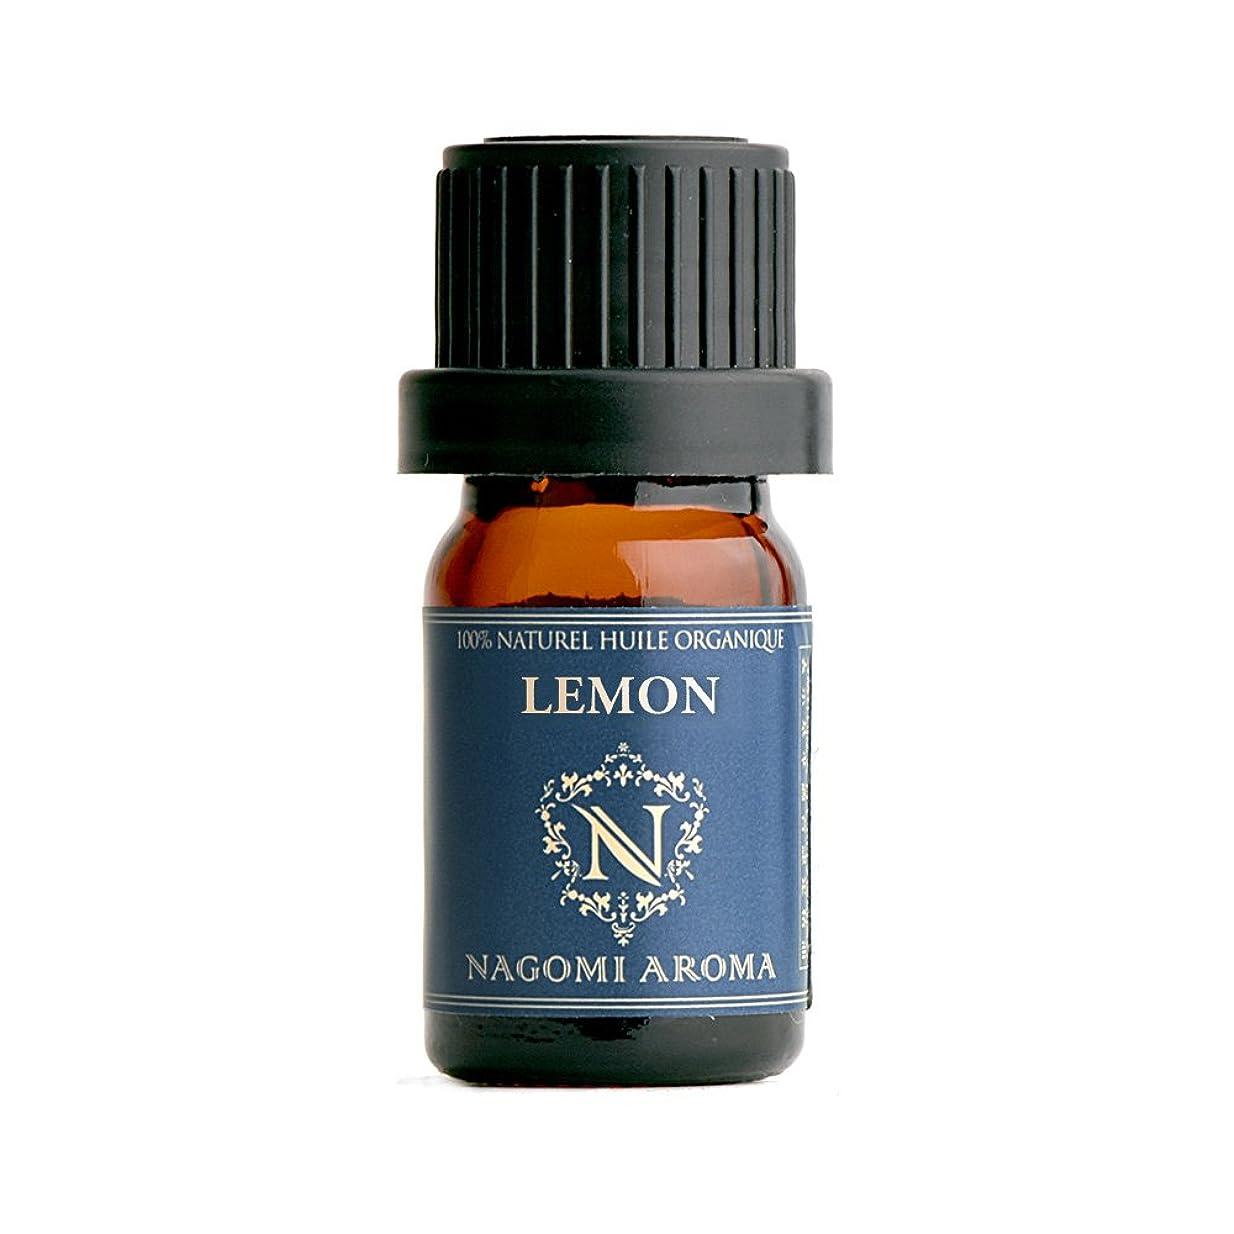 安西匿名分類NAGOMI AROMA オーガニック レモン 5ml 【AEAJ認定精油】【アロマオイル】